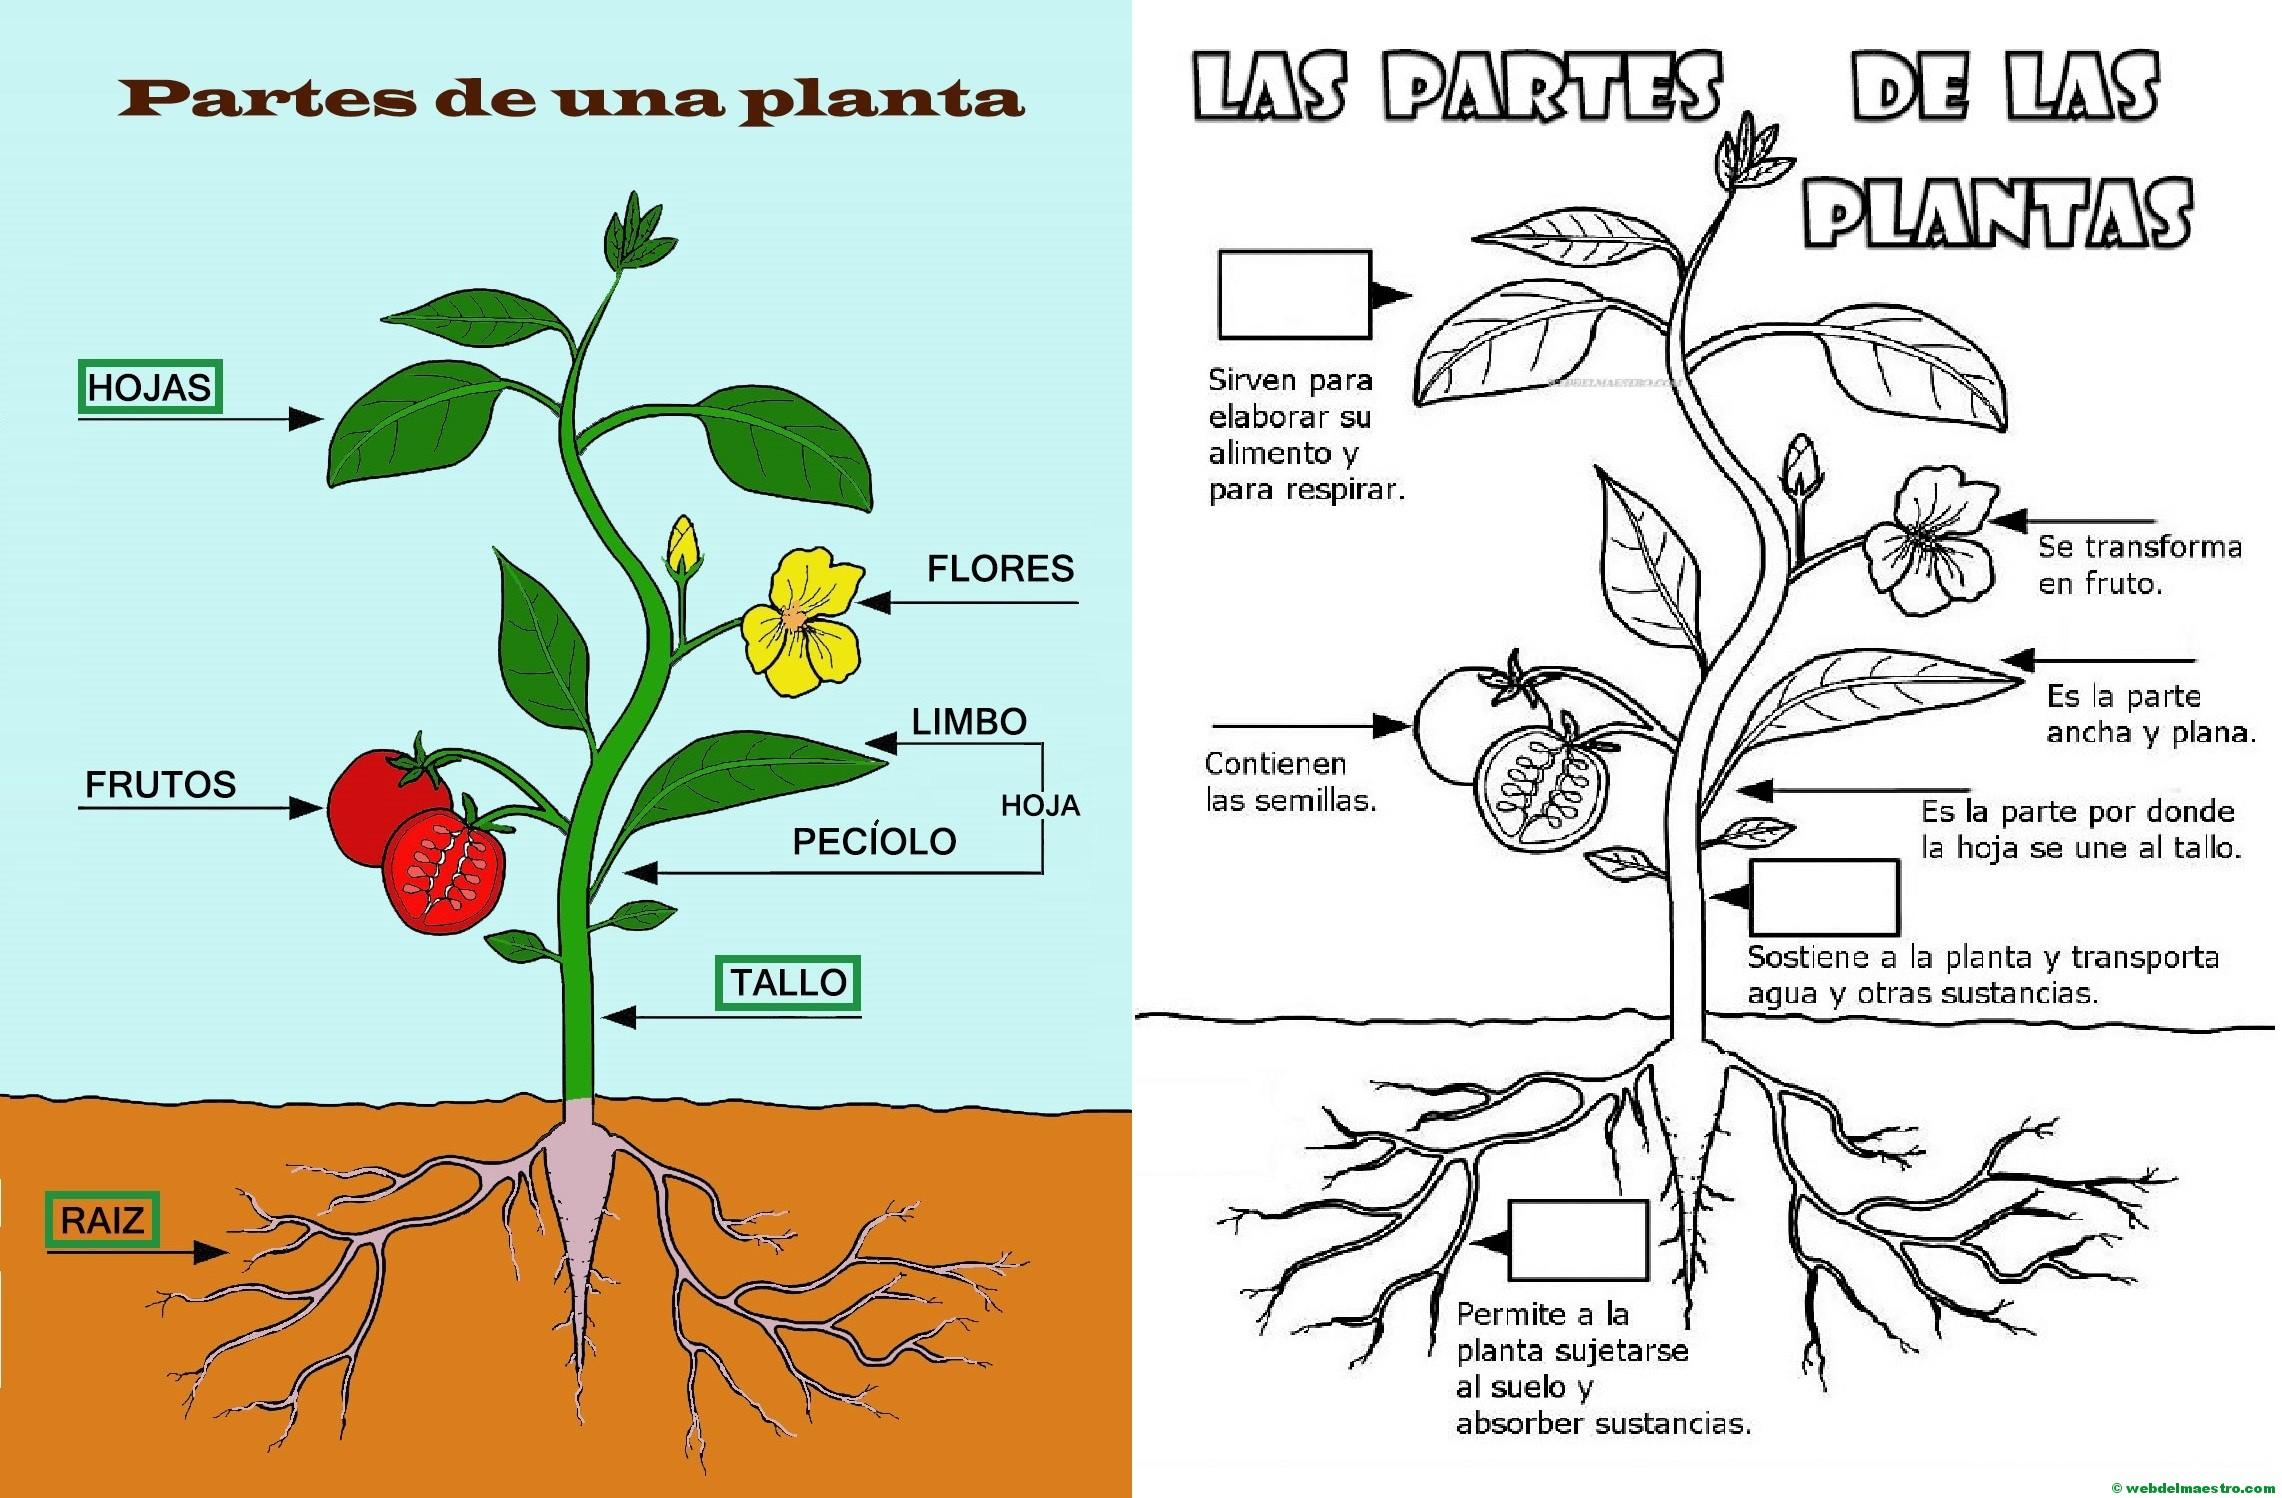 Partes de una planta para niños de Primaria - Web del maestro